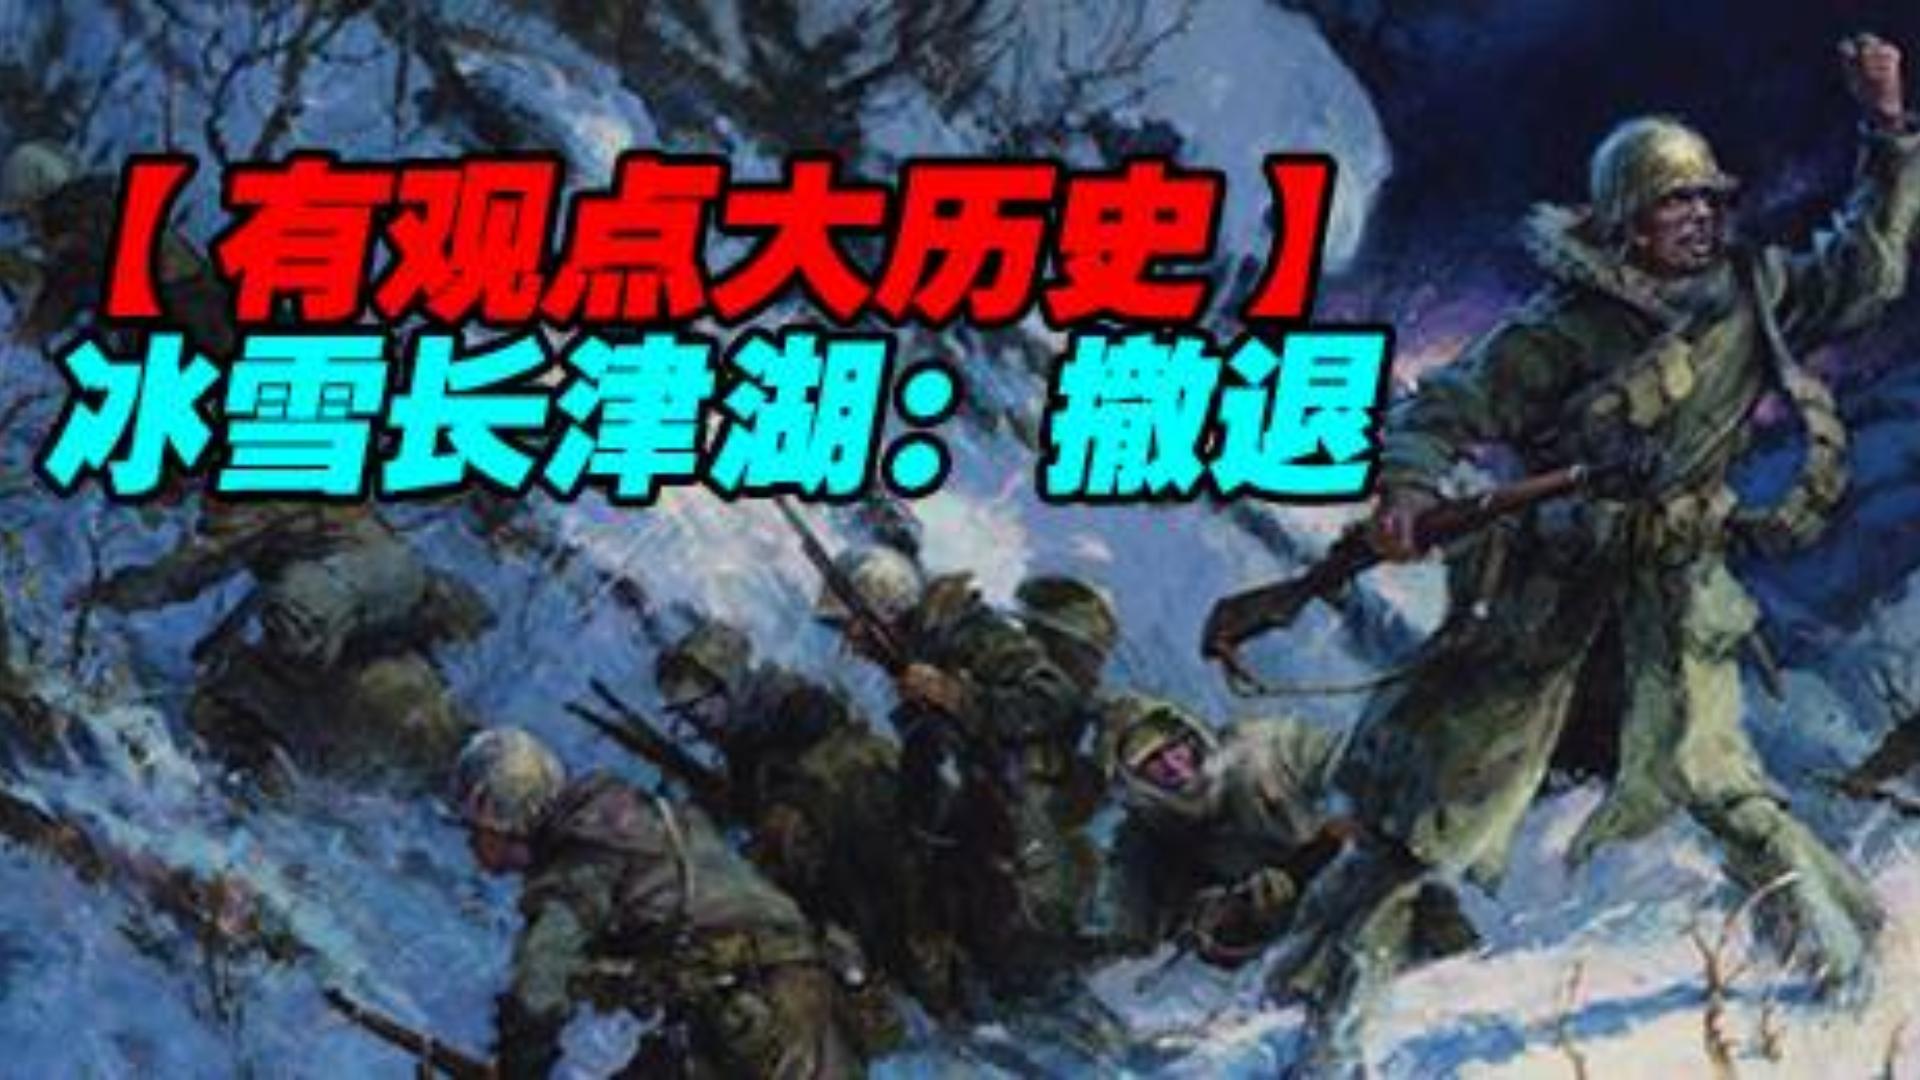 朝鲜战争:冰雪长津湖-撤退